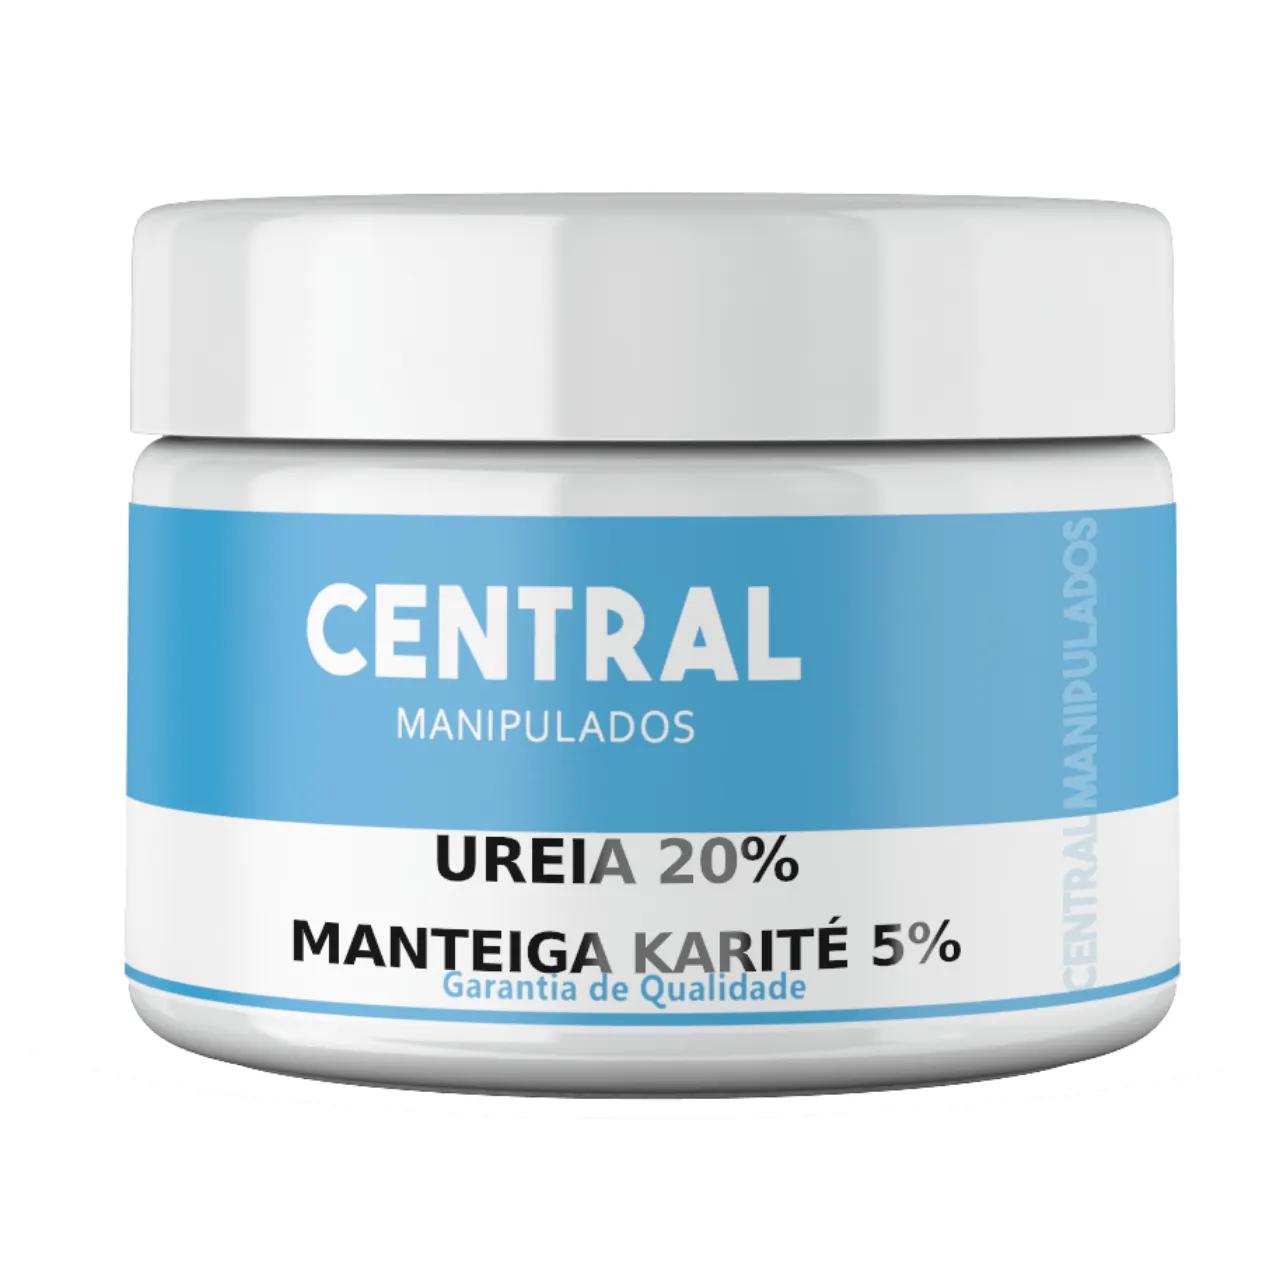 Creme Ureia 20% + Manteiga de Karité 5% + Glicerina 10% - 300gramas - Previne o Ressecamento, Antioxidante, Protege a Pele